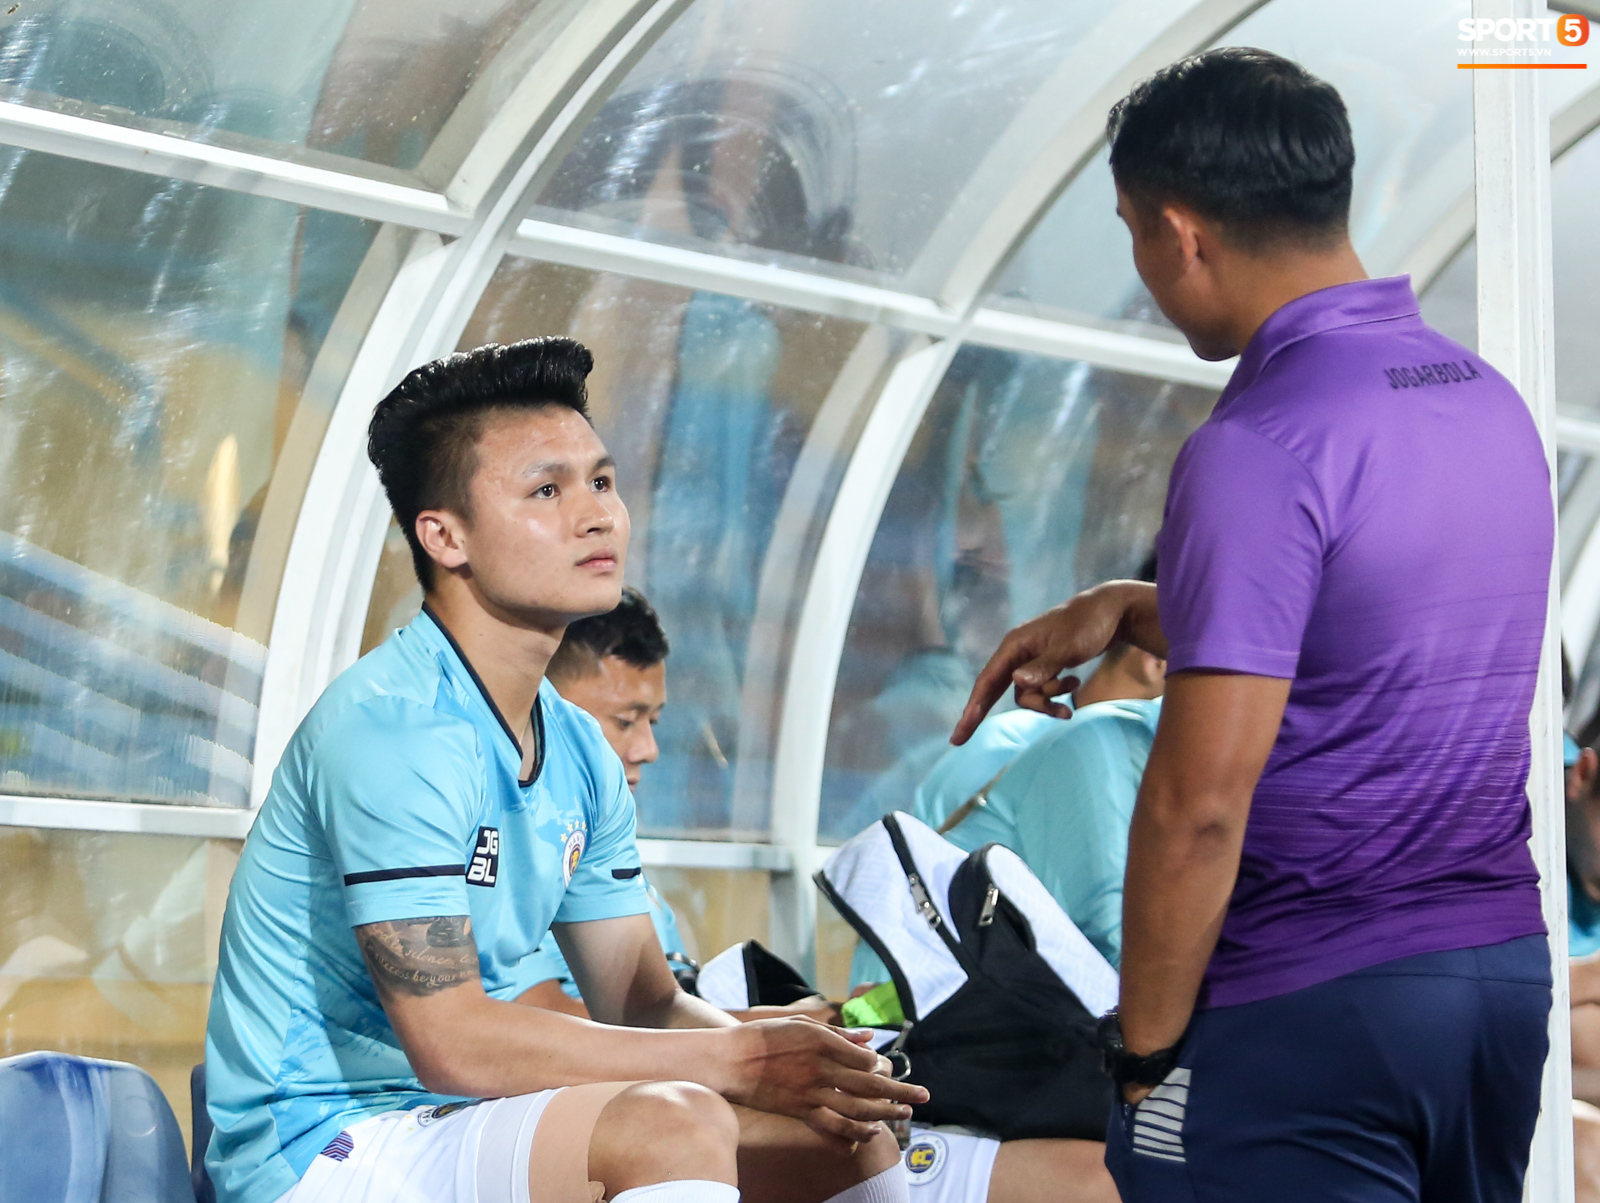 Cầu thủ Hà Nội FC xem HAGL thi đấu qua điện thoại, thất vọng khi Công Phượng ghi bàn - ảnh 6